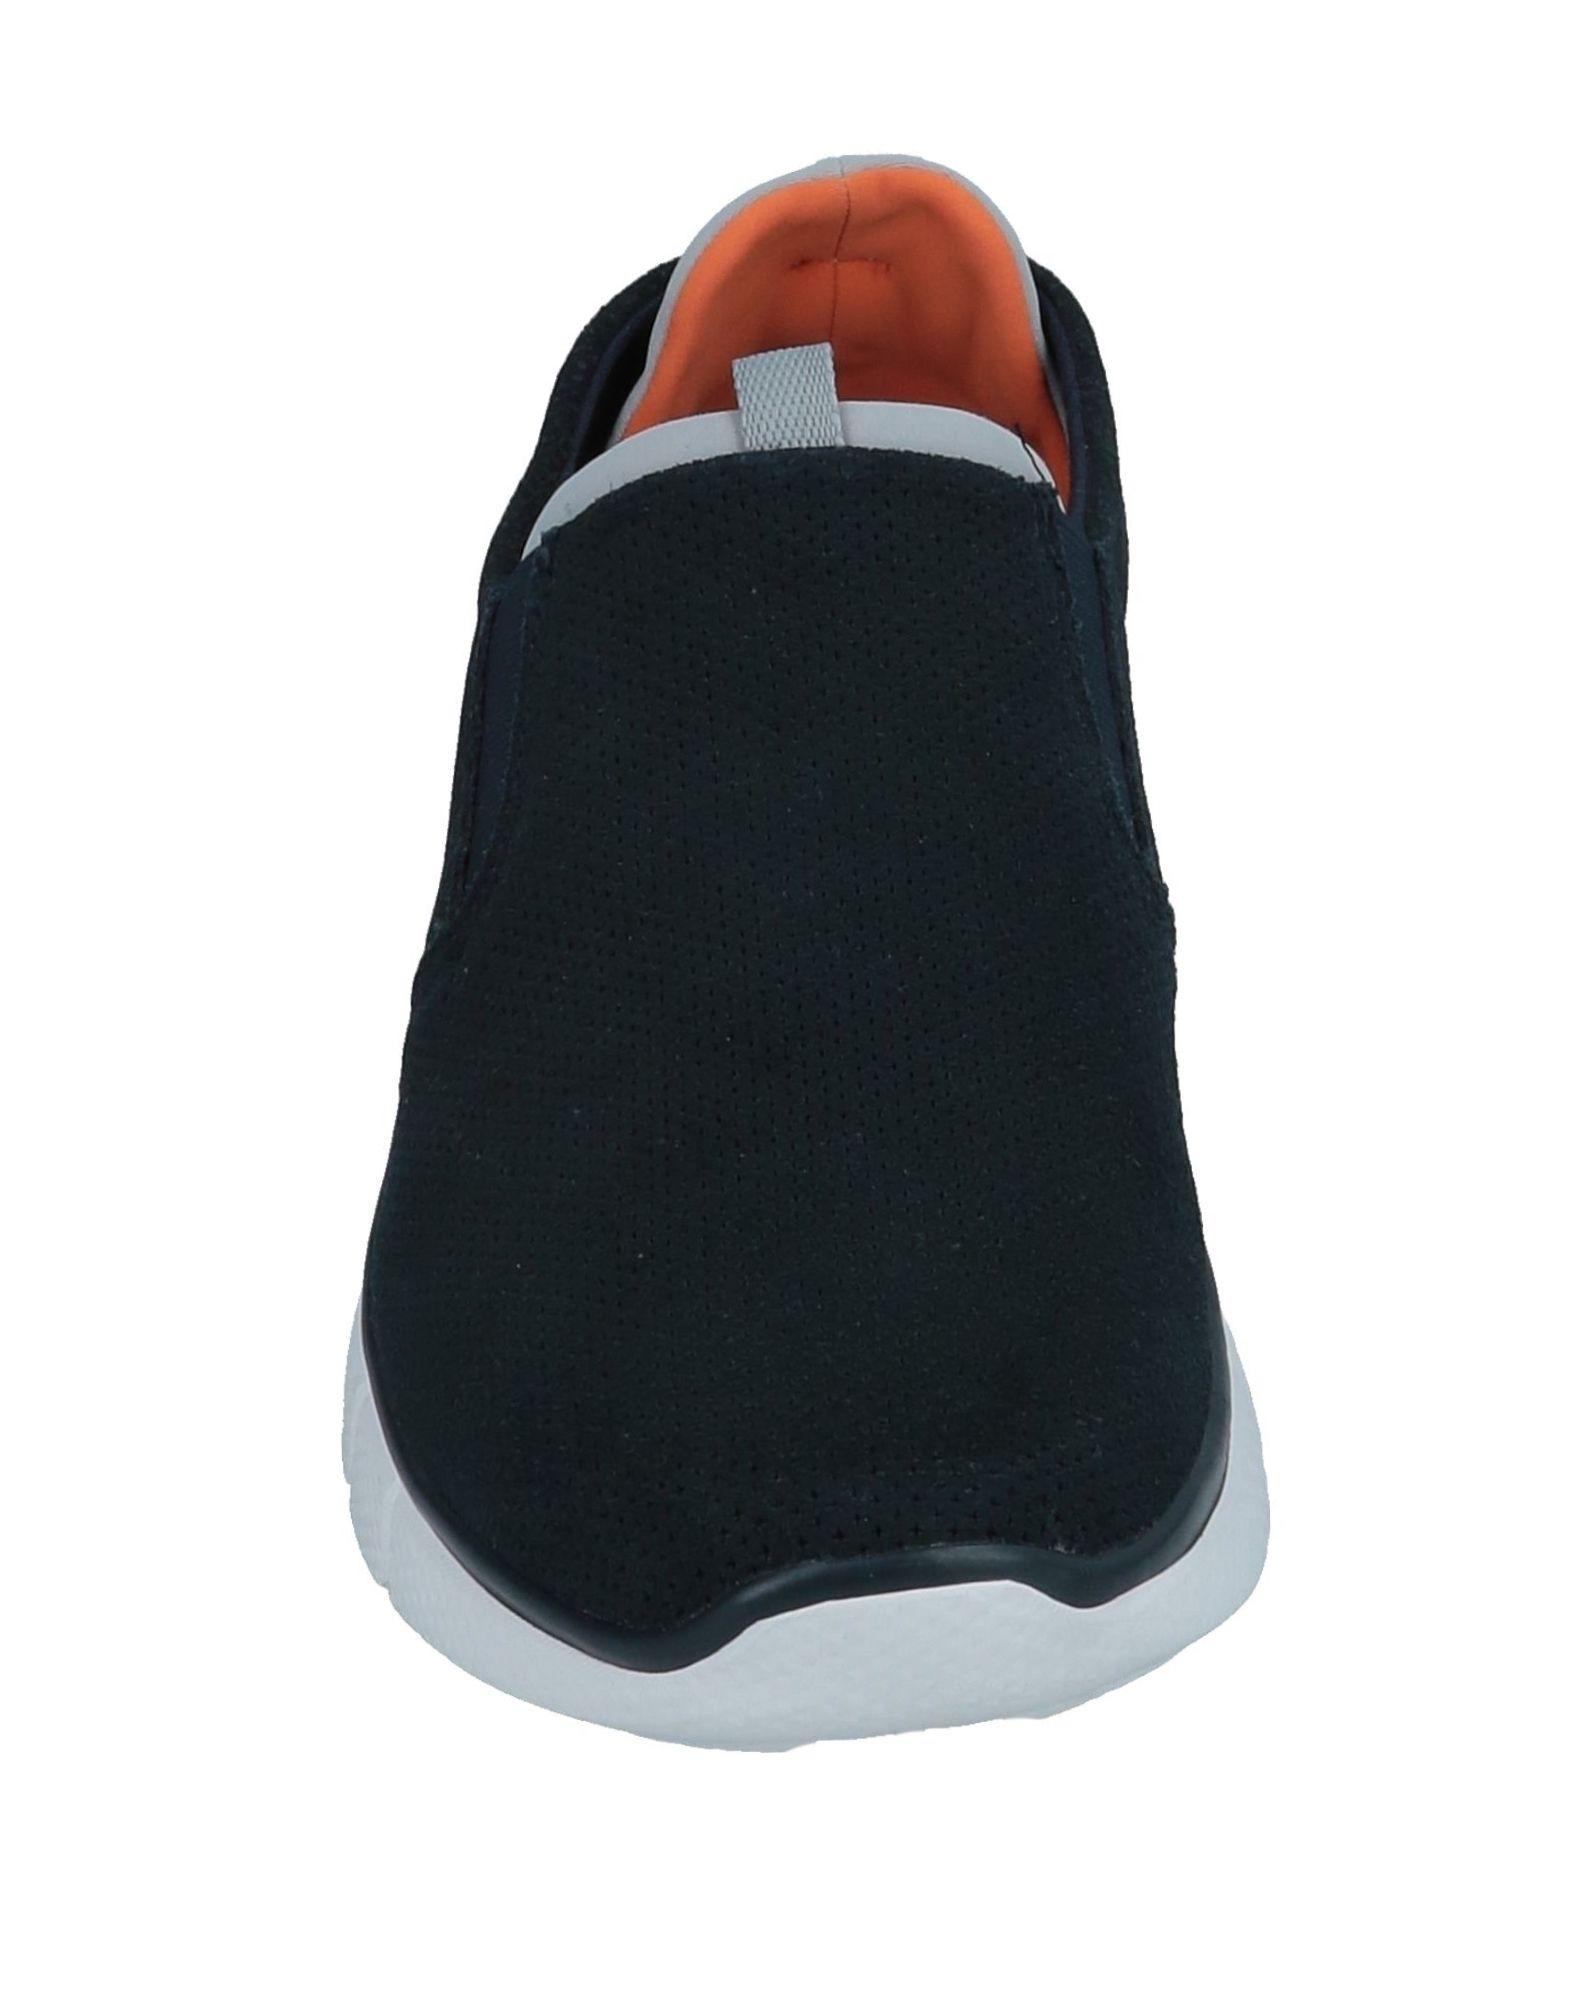 Skechers Sneakers Herren Herren Sneakers  11554829MO 030517